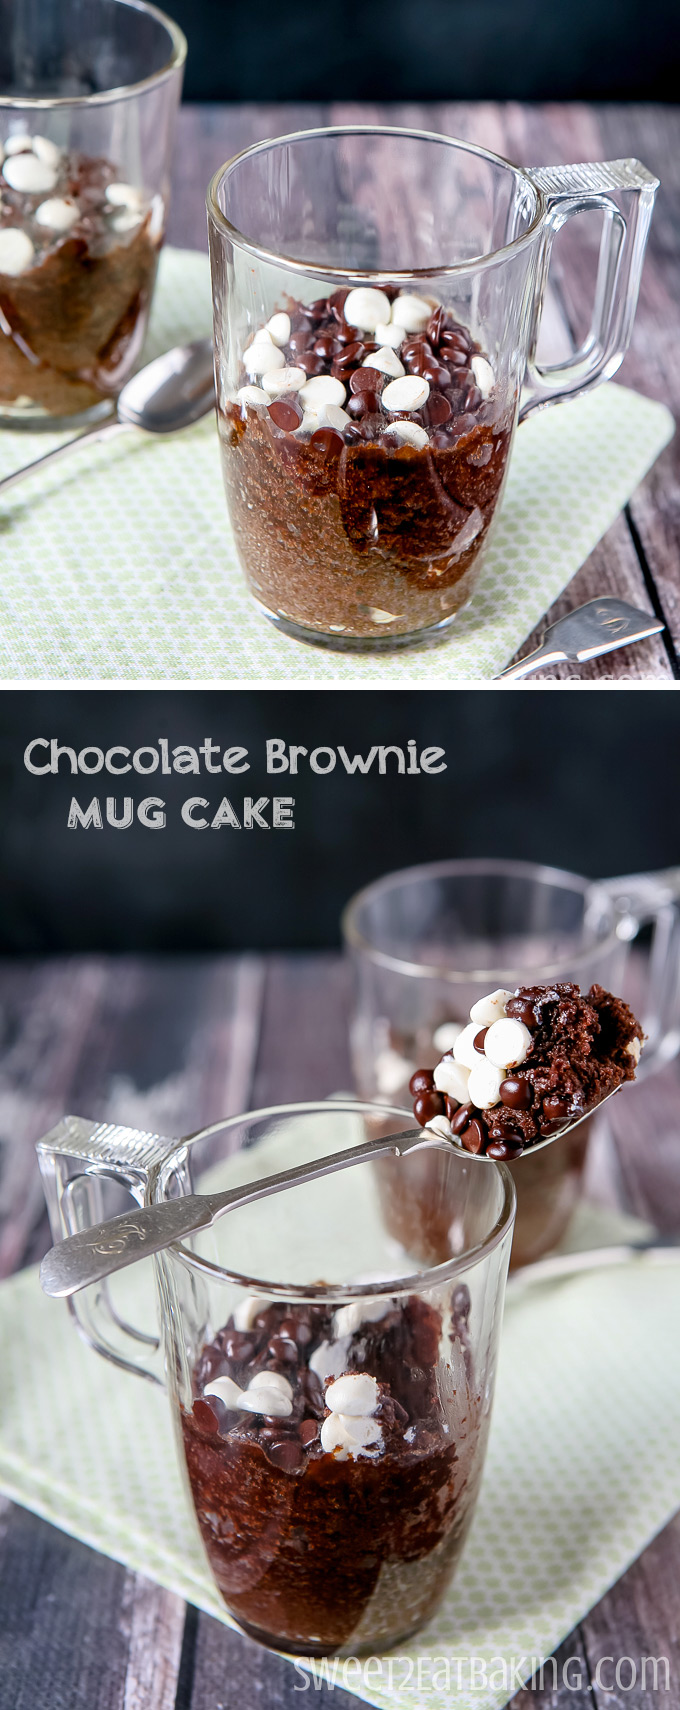 Chocolate Brownie Mug Cake Recipe